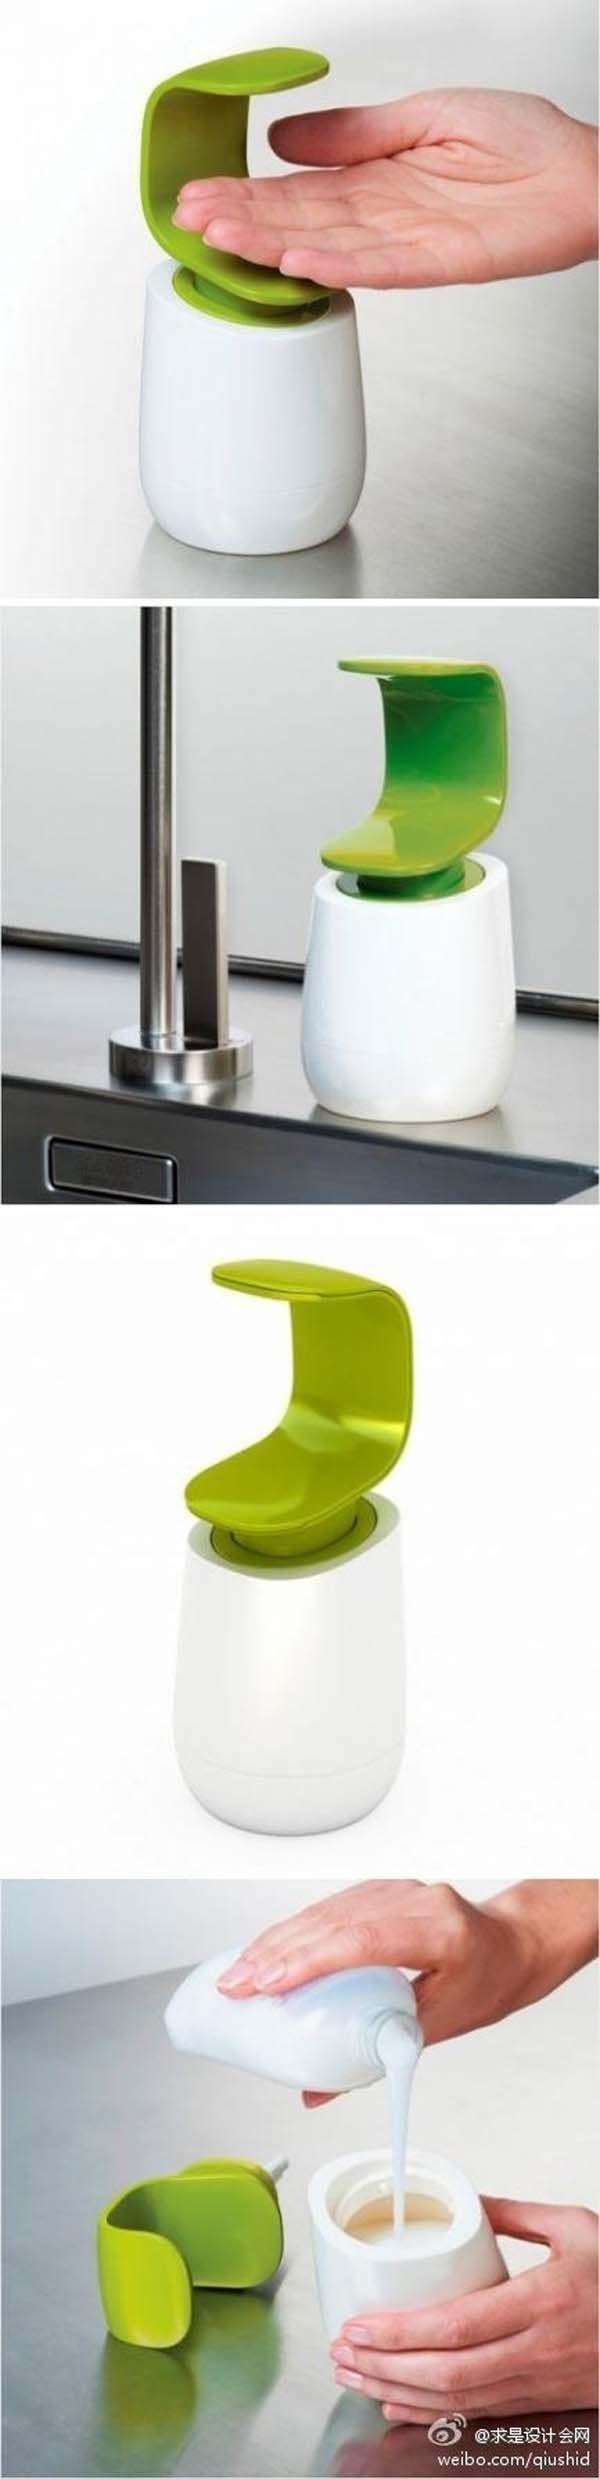 43+ Gadget pour salle de bain ideas